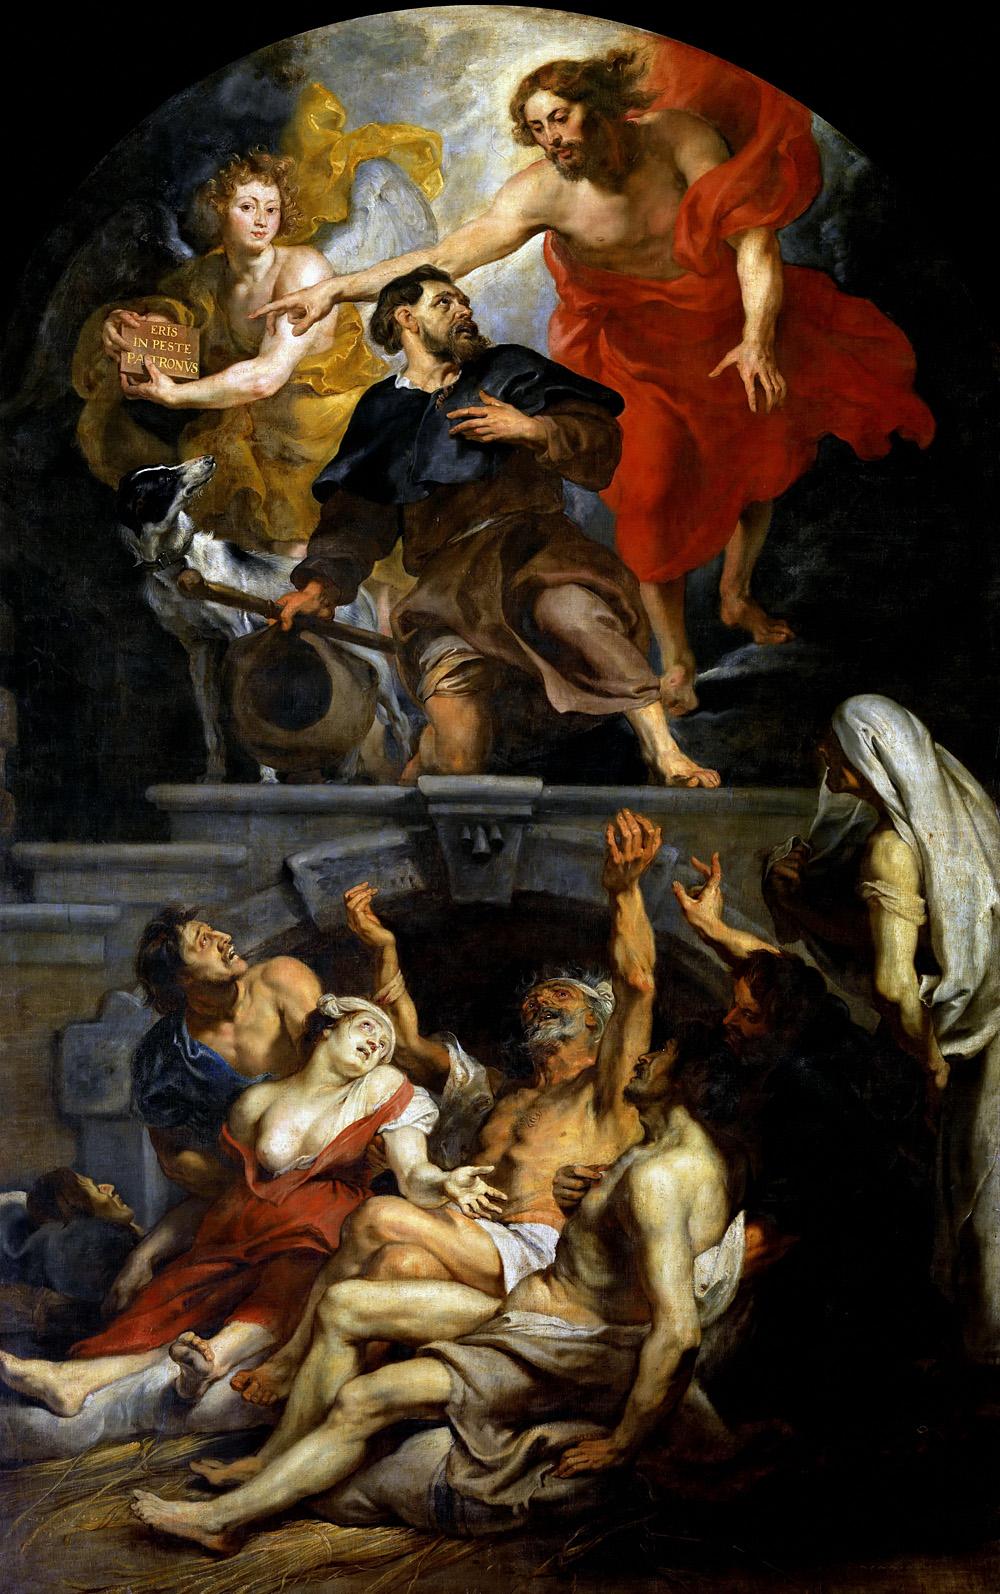 Пітер Пауль Рубенс. «Христос призначає святого Роха святим покровителем хворих на чуму». Алст. Церква Св. Мартіна.